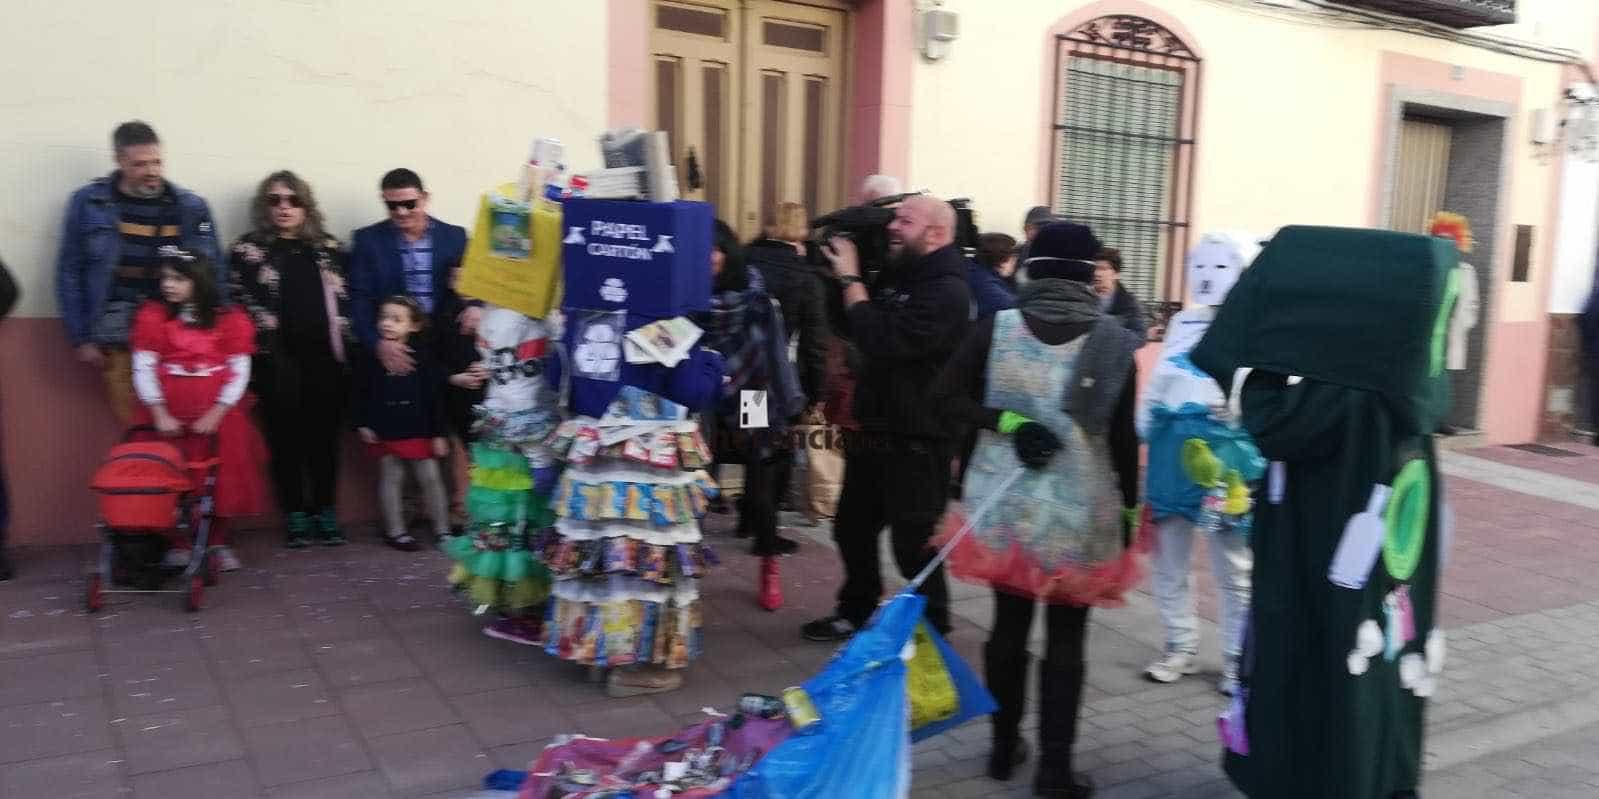 Carnaval herencia 2020 pasacalles domingo deseosas 24 - El Domingo de las Deseosas invita a todo el mundo al Carnaval de Herencia